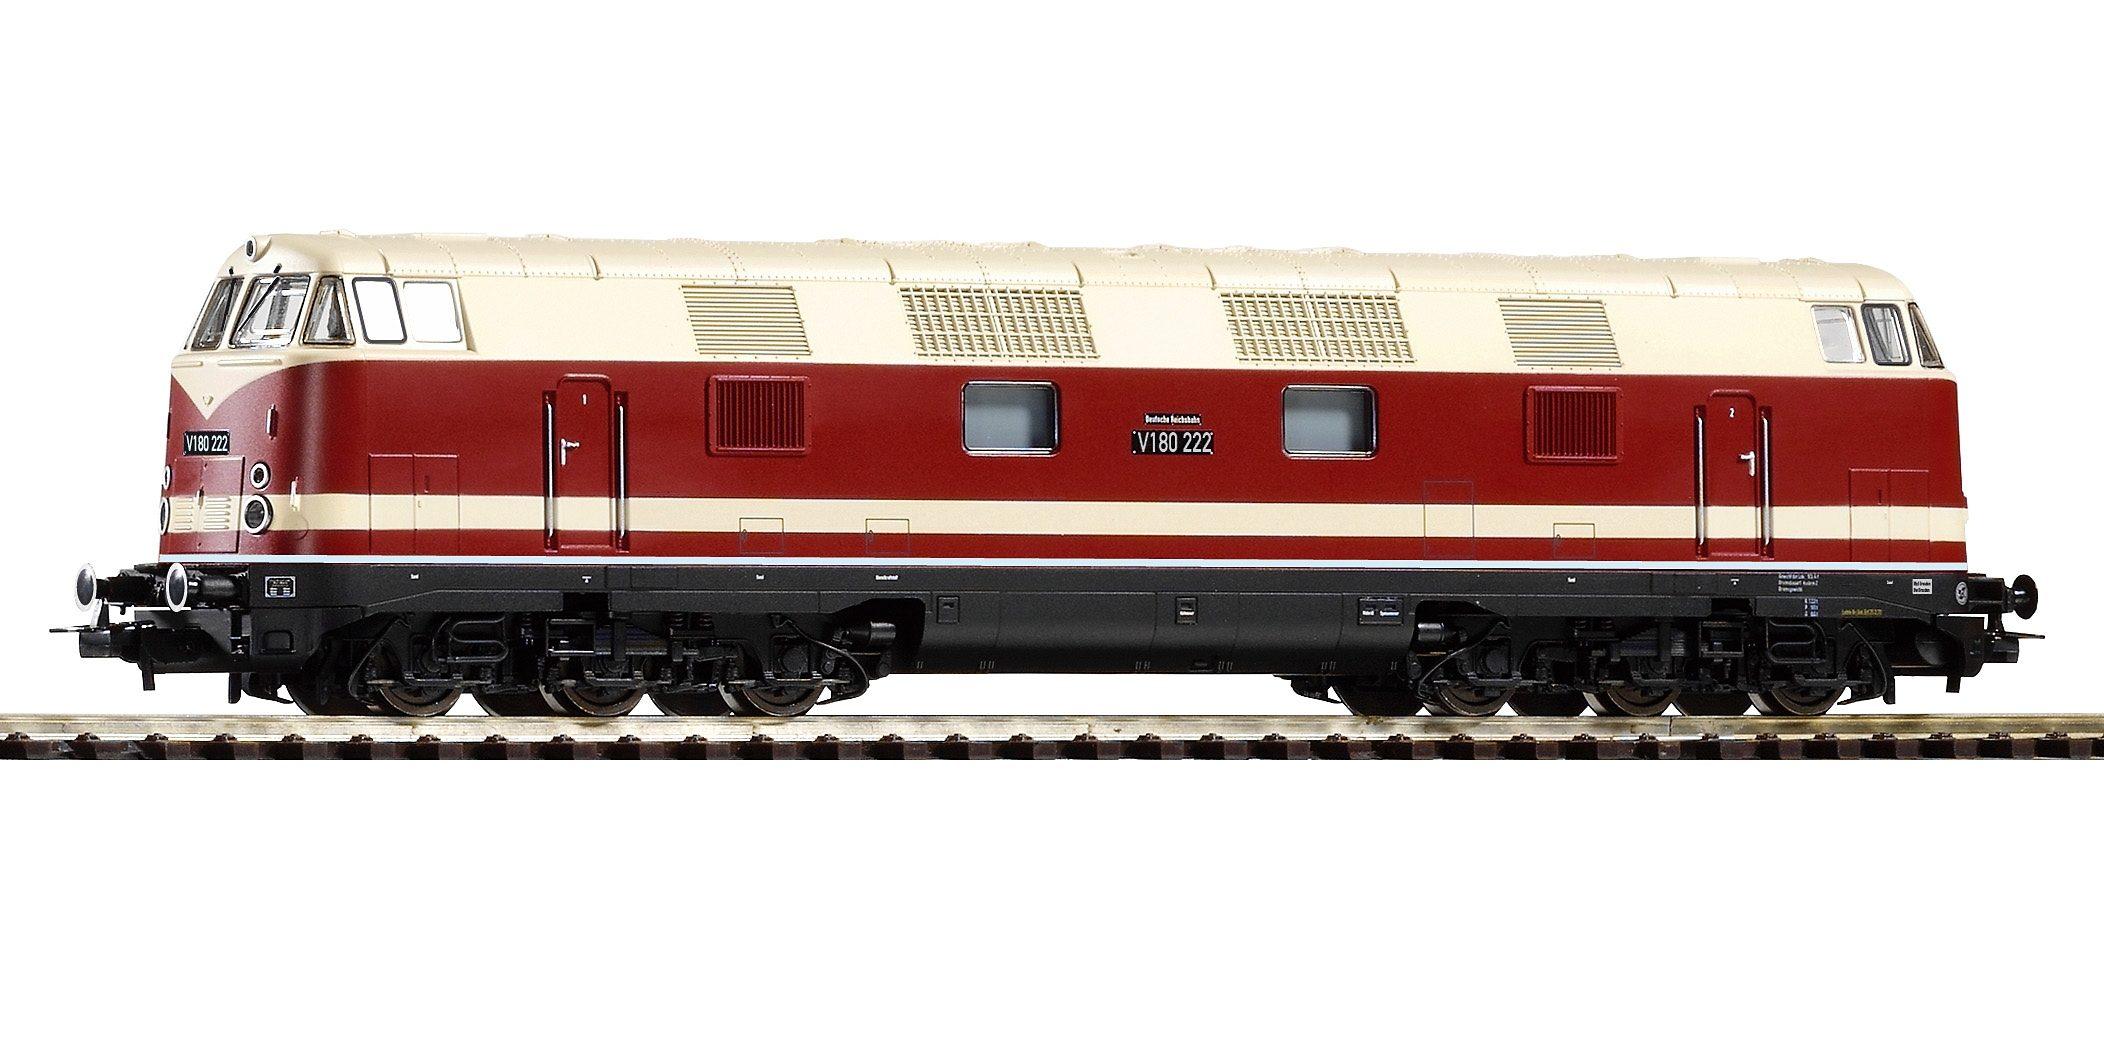 PIKO Diesellok, »Diesellokomotive V 180, 6-achsig, DR - Gleichstrom« Spur H0